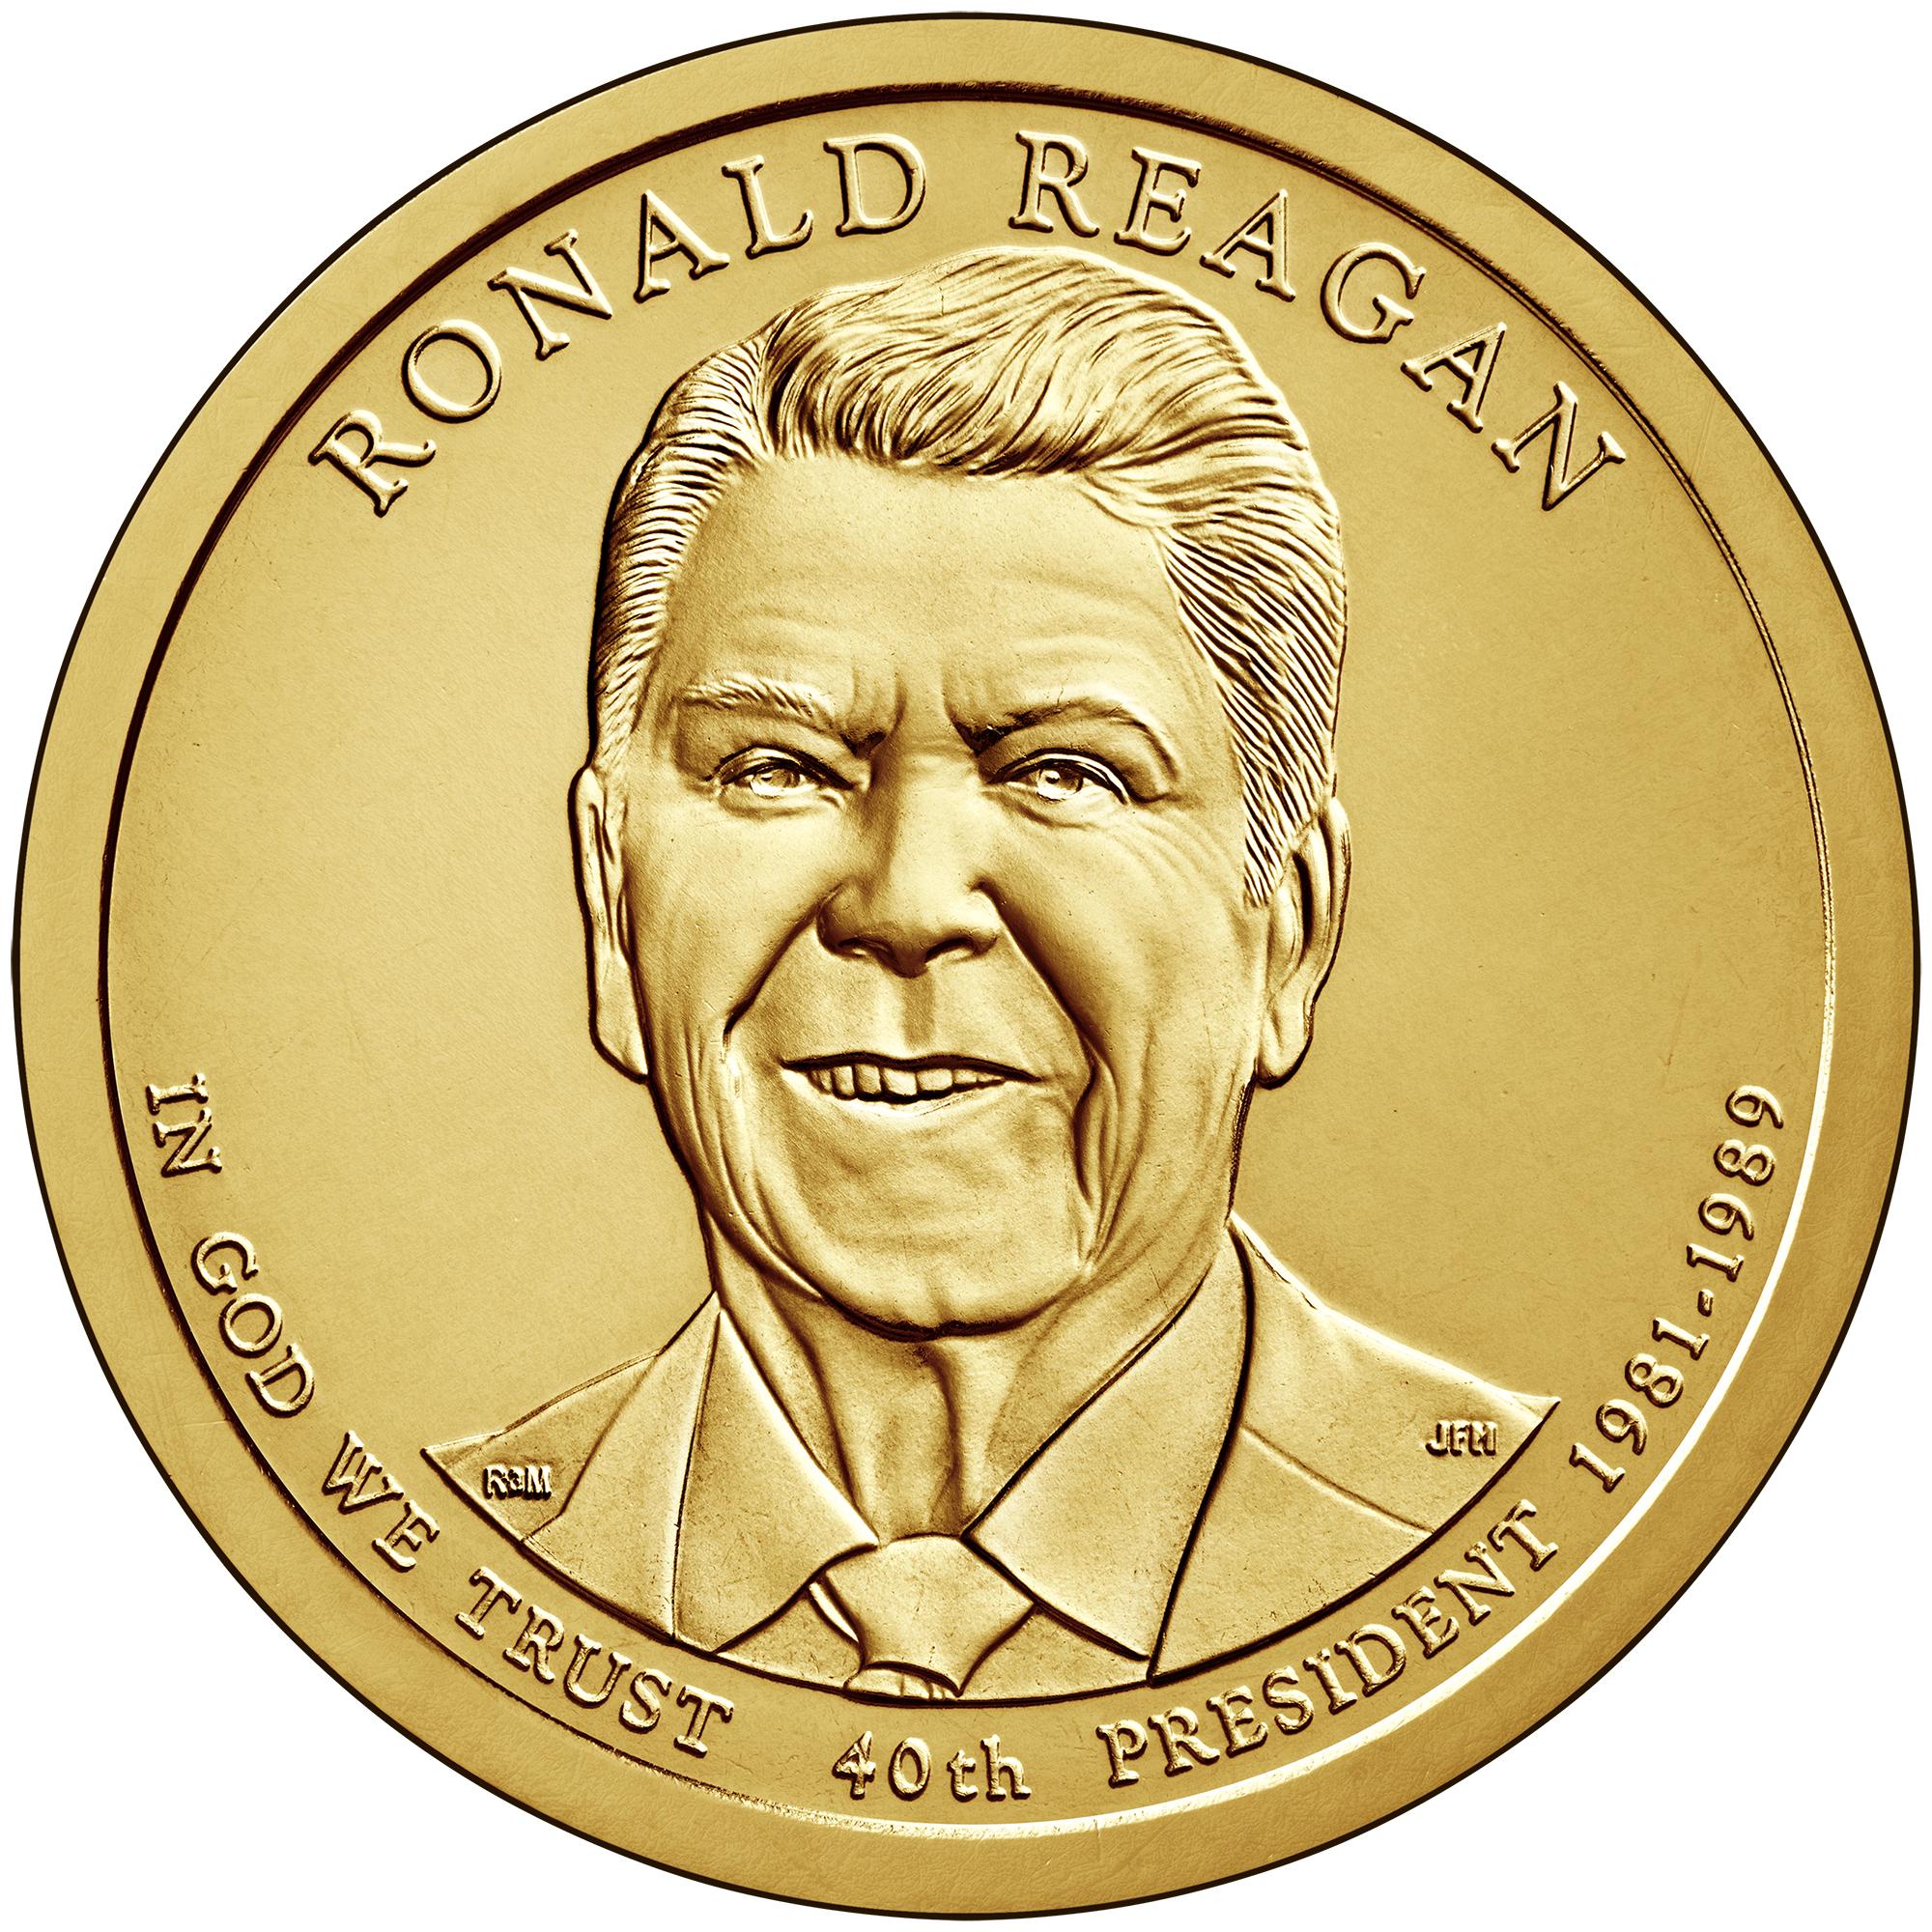 2016 Presidential Dollar Coin Ronald Reagan Uncirculated Obverse